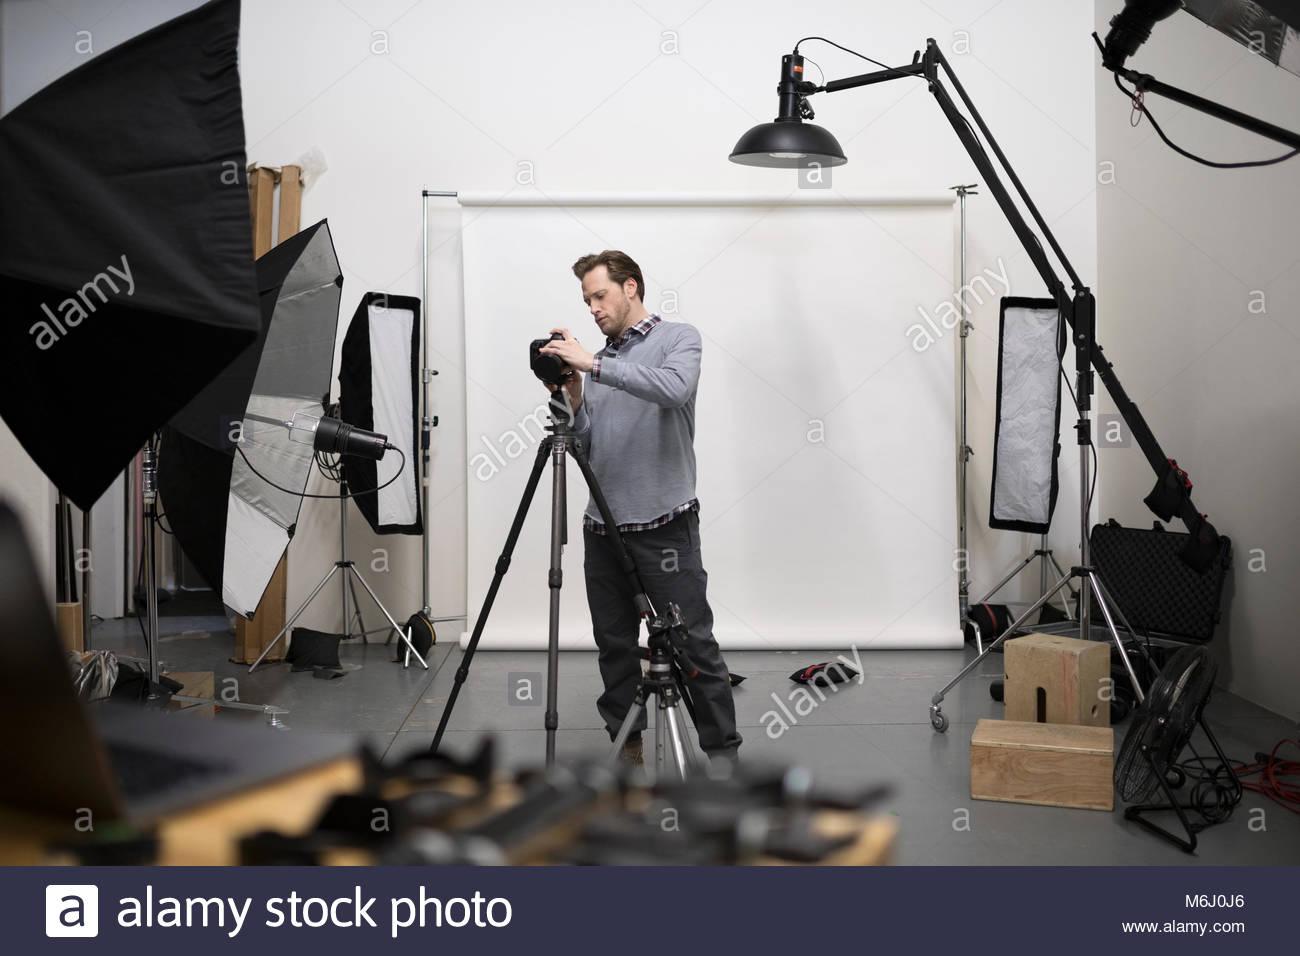 Fotografo maschio preparazione fotocamera digitale attrezzature per foto riprese in studio Immagini Stock